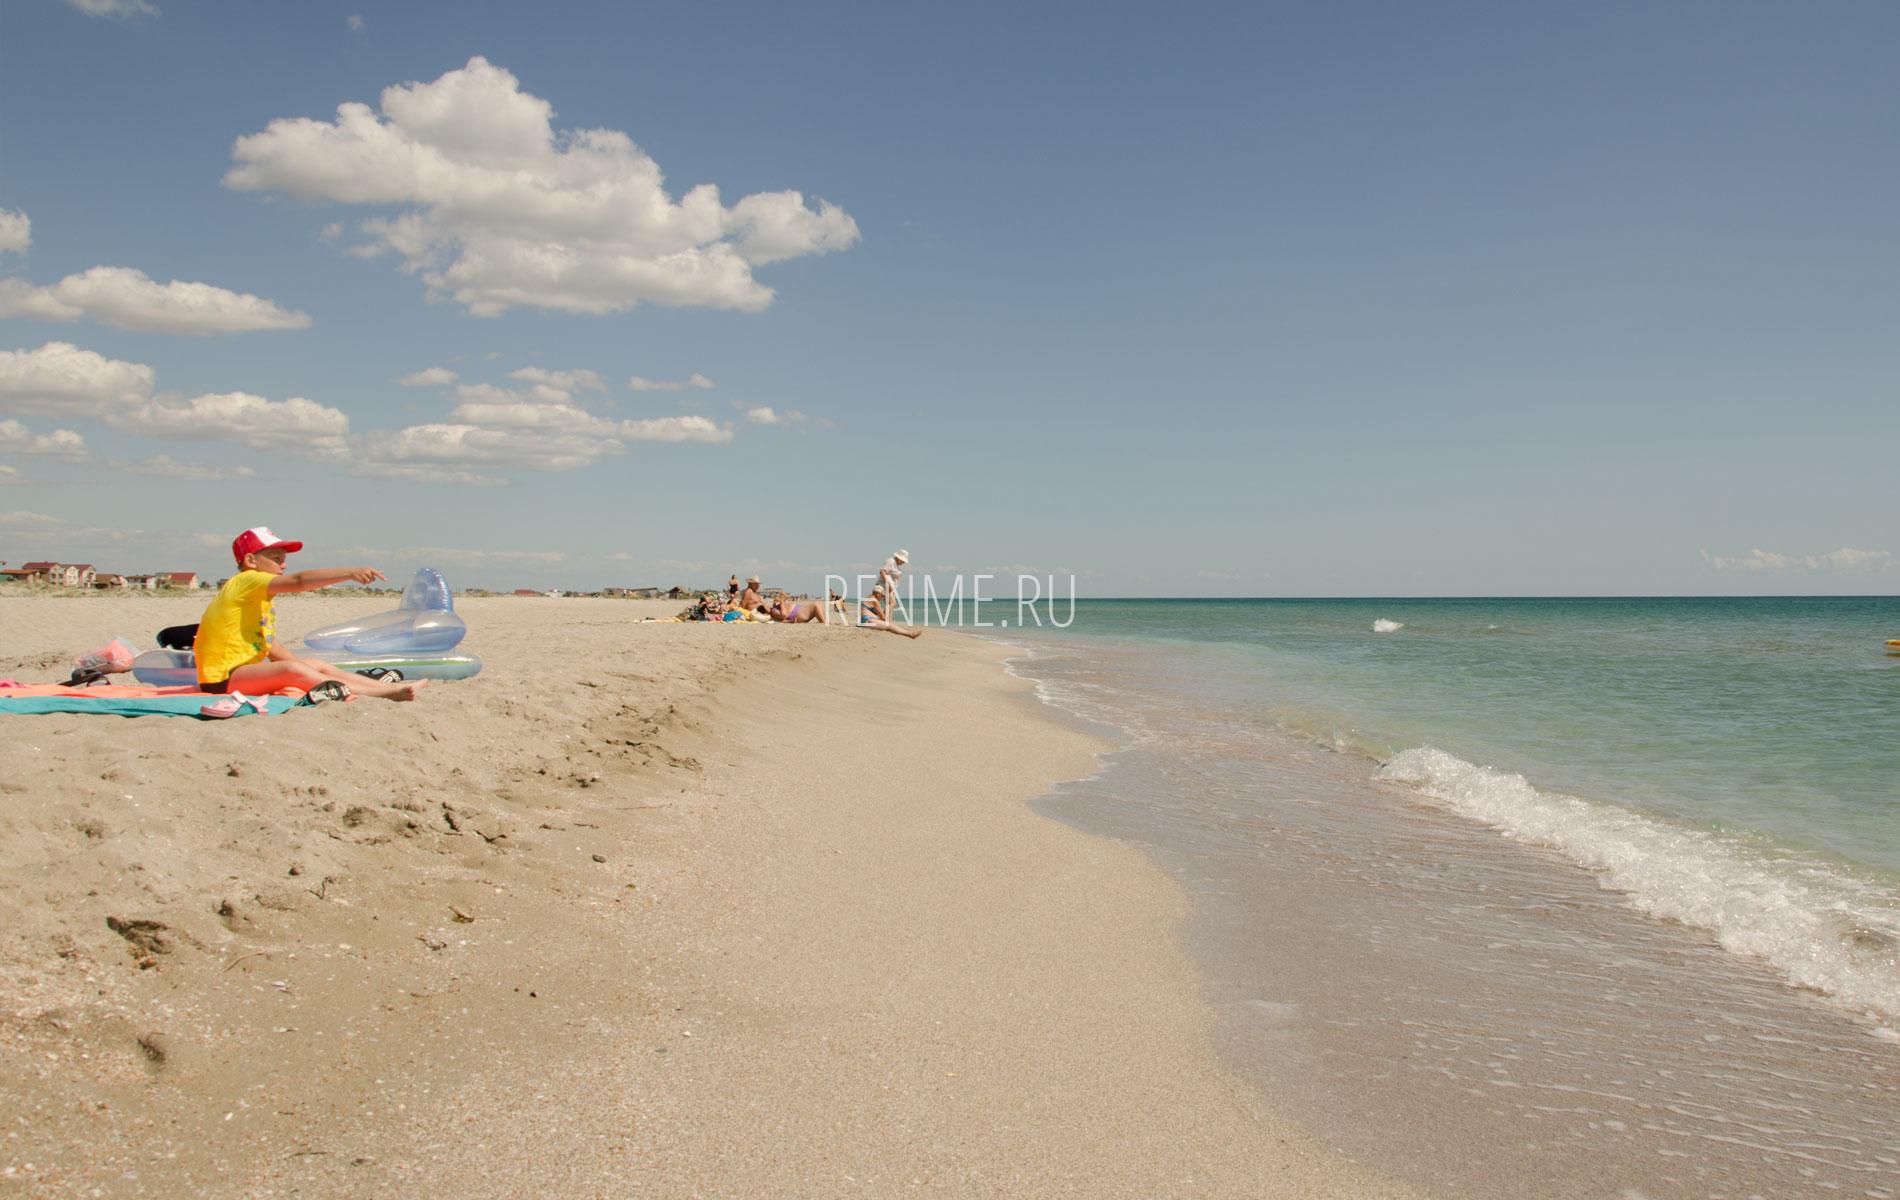 Пляж для детей в Мирном. Фото Мирного